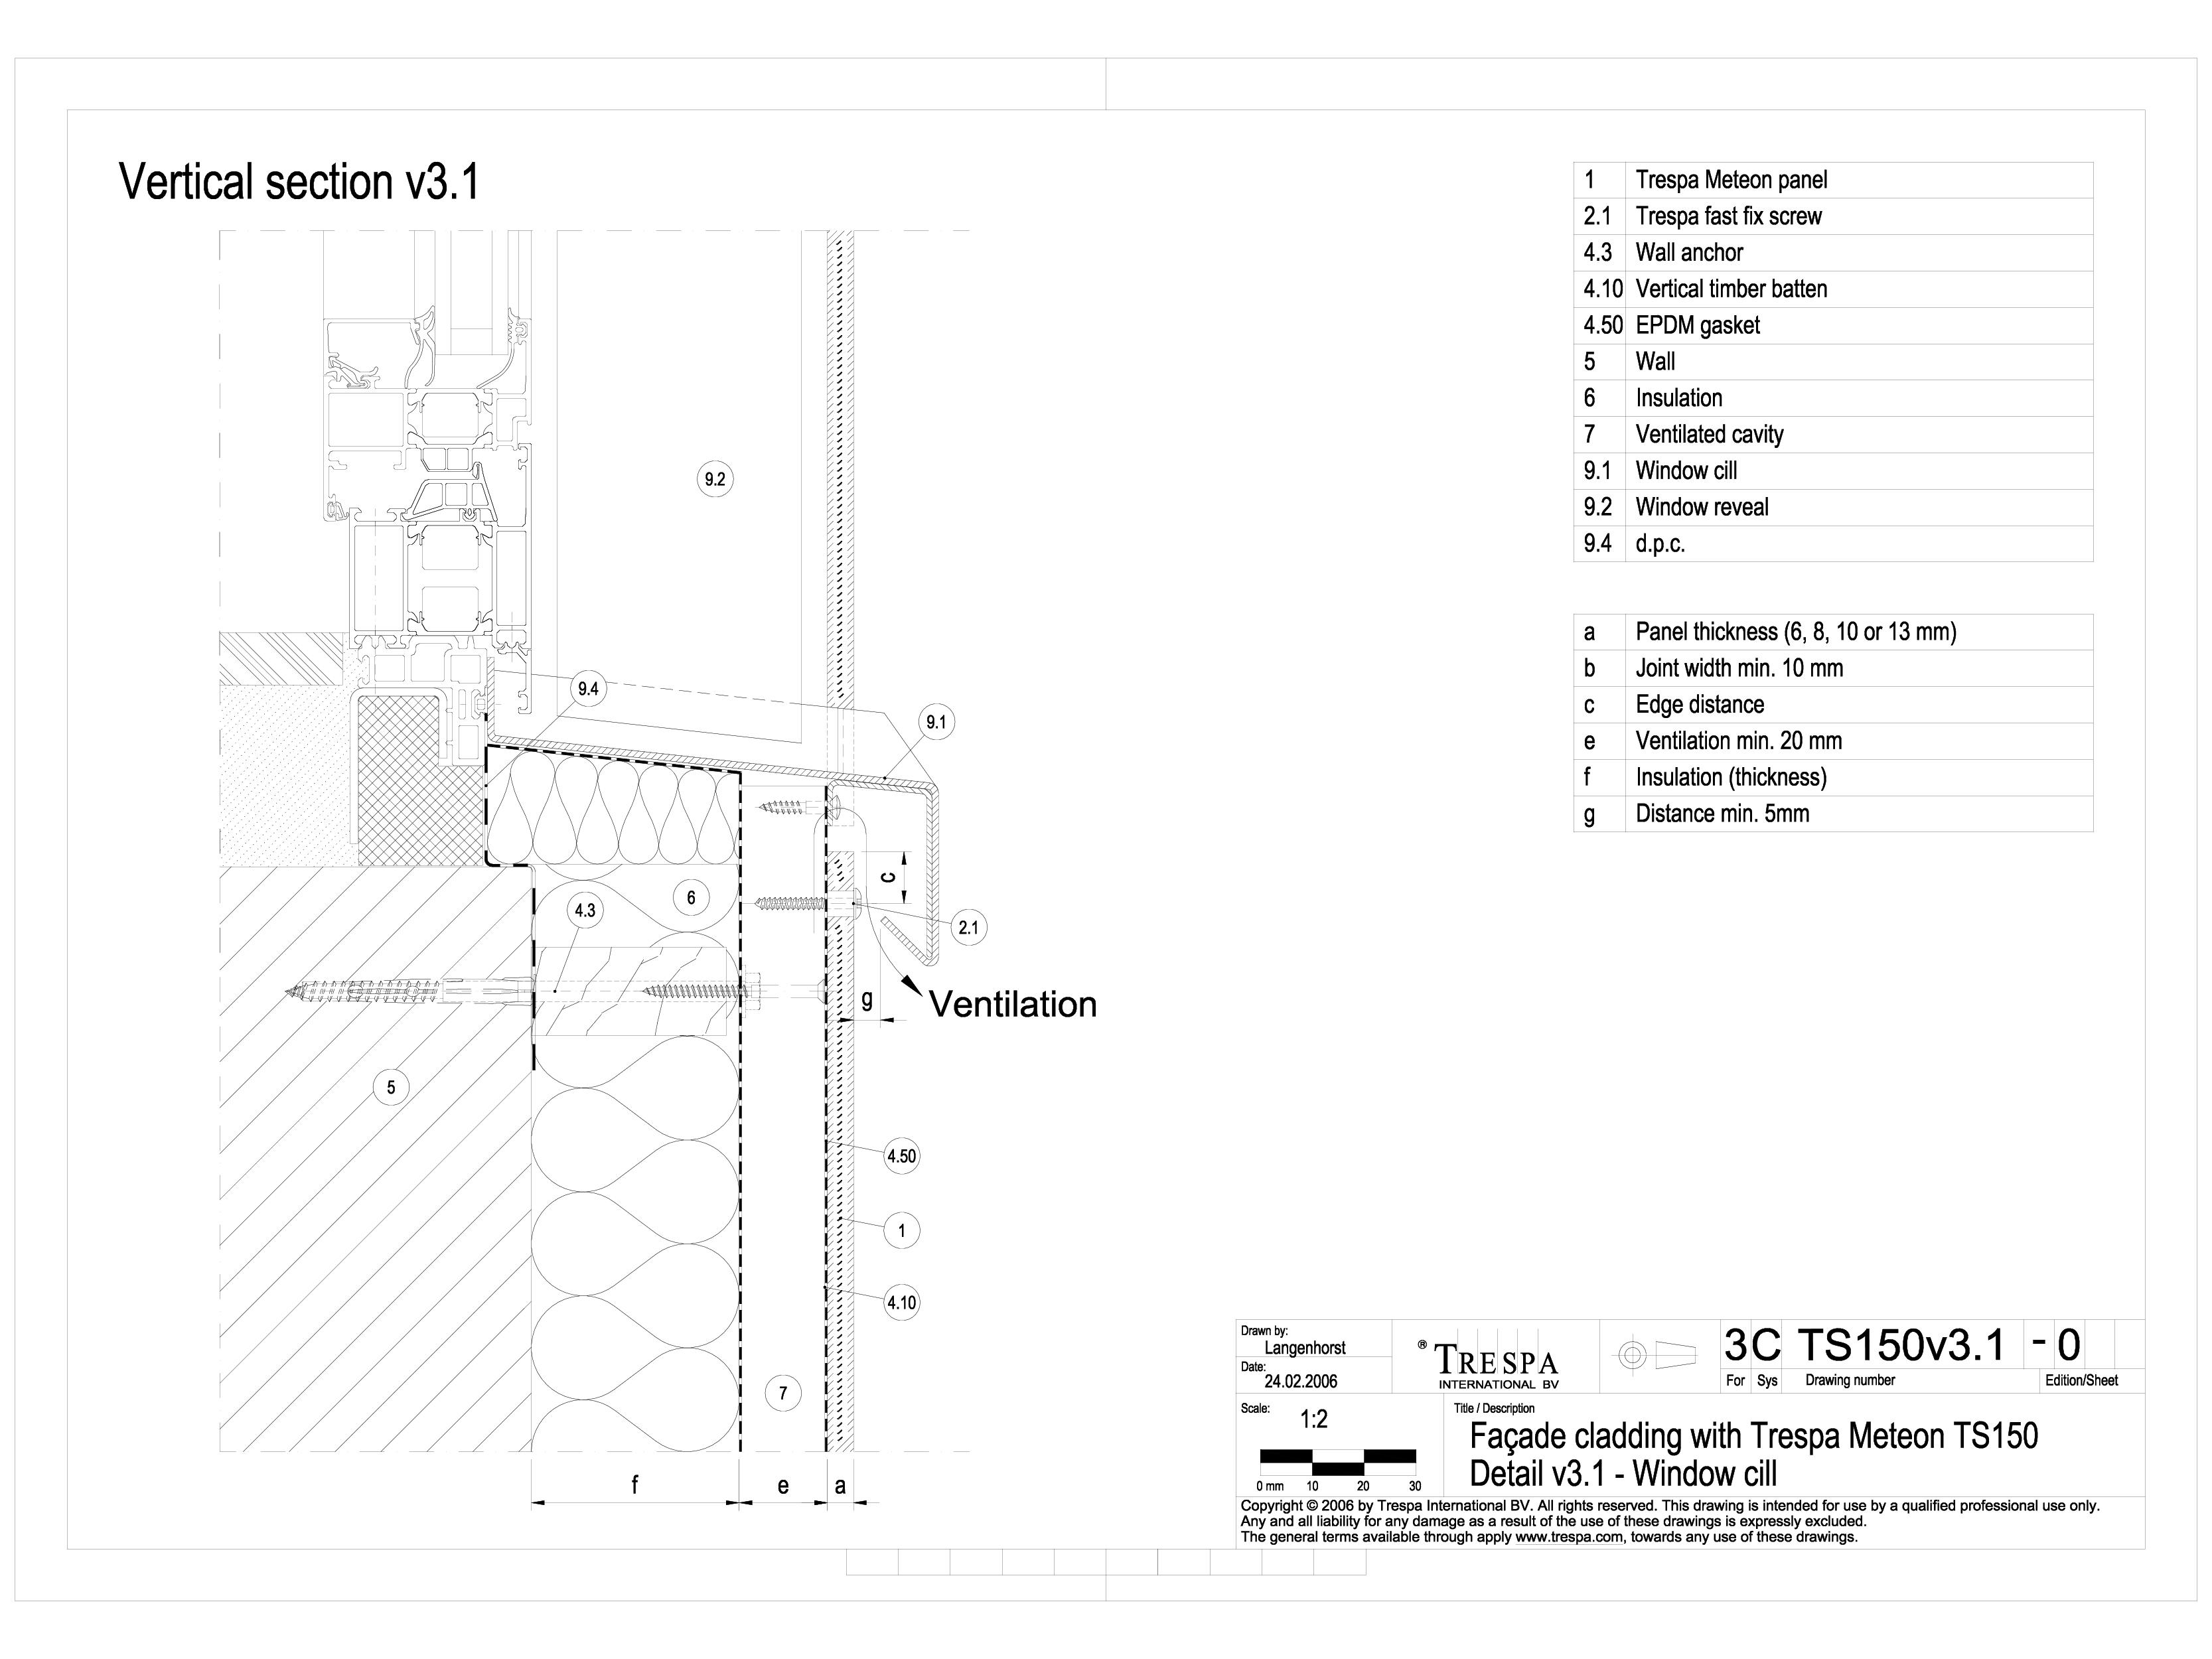 Sisteme de prindere fatade ventilate invizibile cu suruburi si cadru din lemn, detaliu de racordare la fereastra METEON TRESPA Placi HPL pentru fatade ventilate GIBB TECHNOLOGIES  - Pagina 1